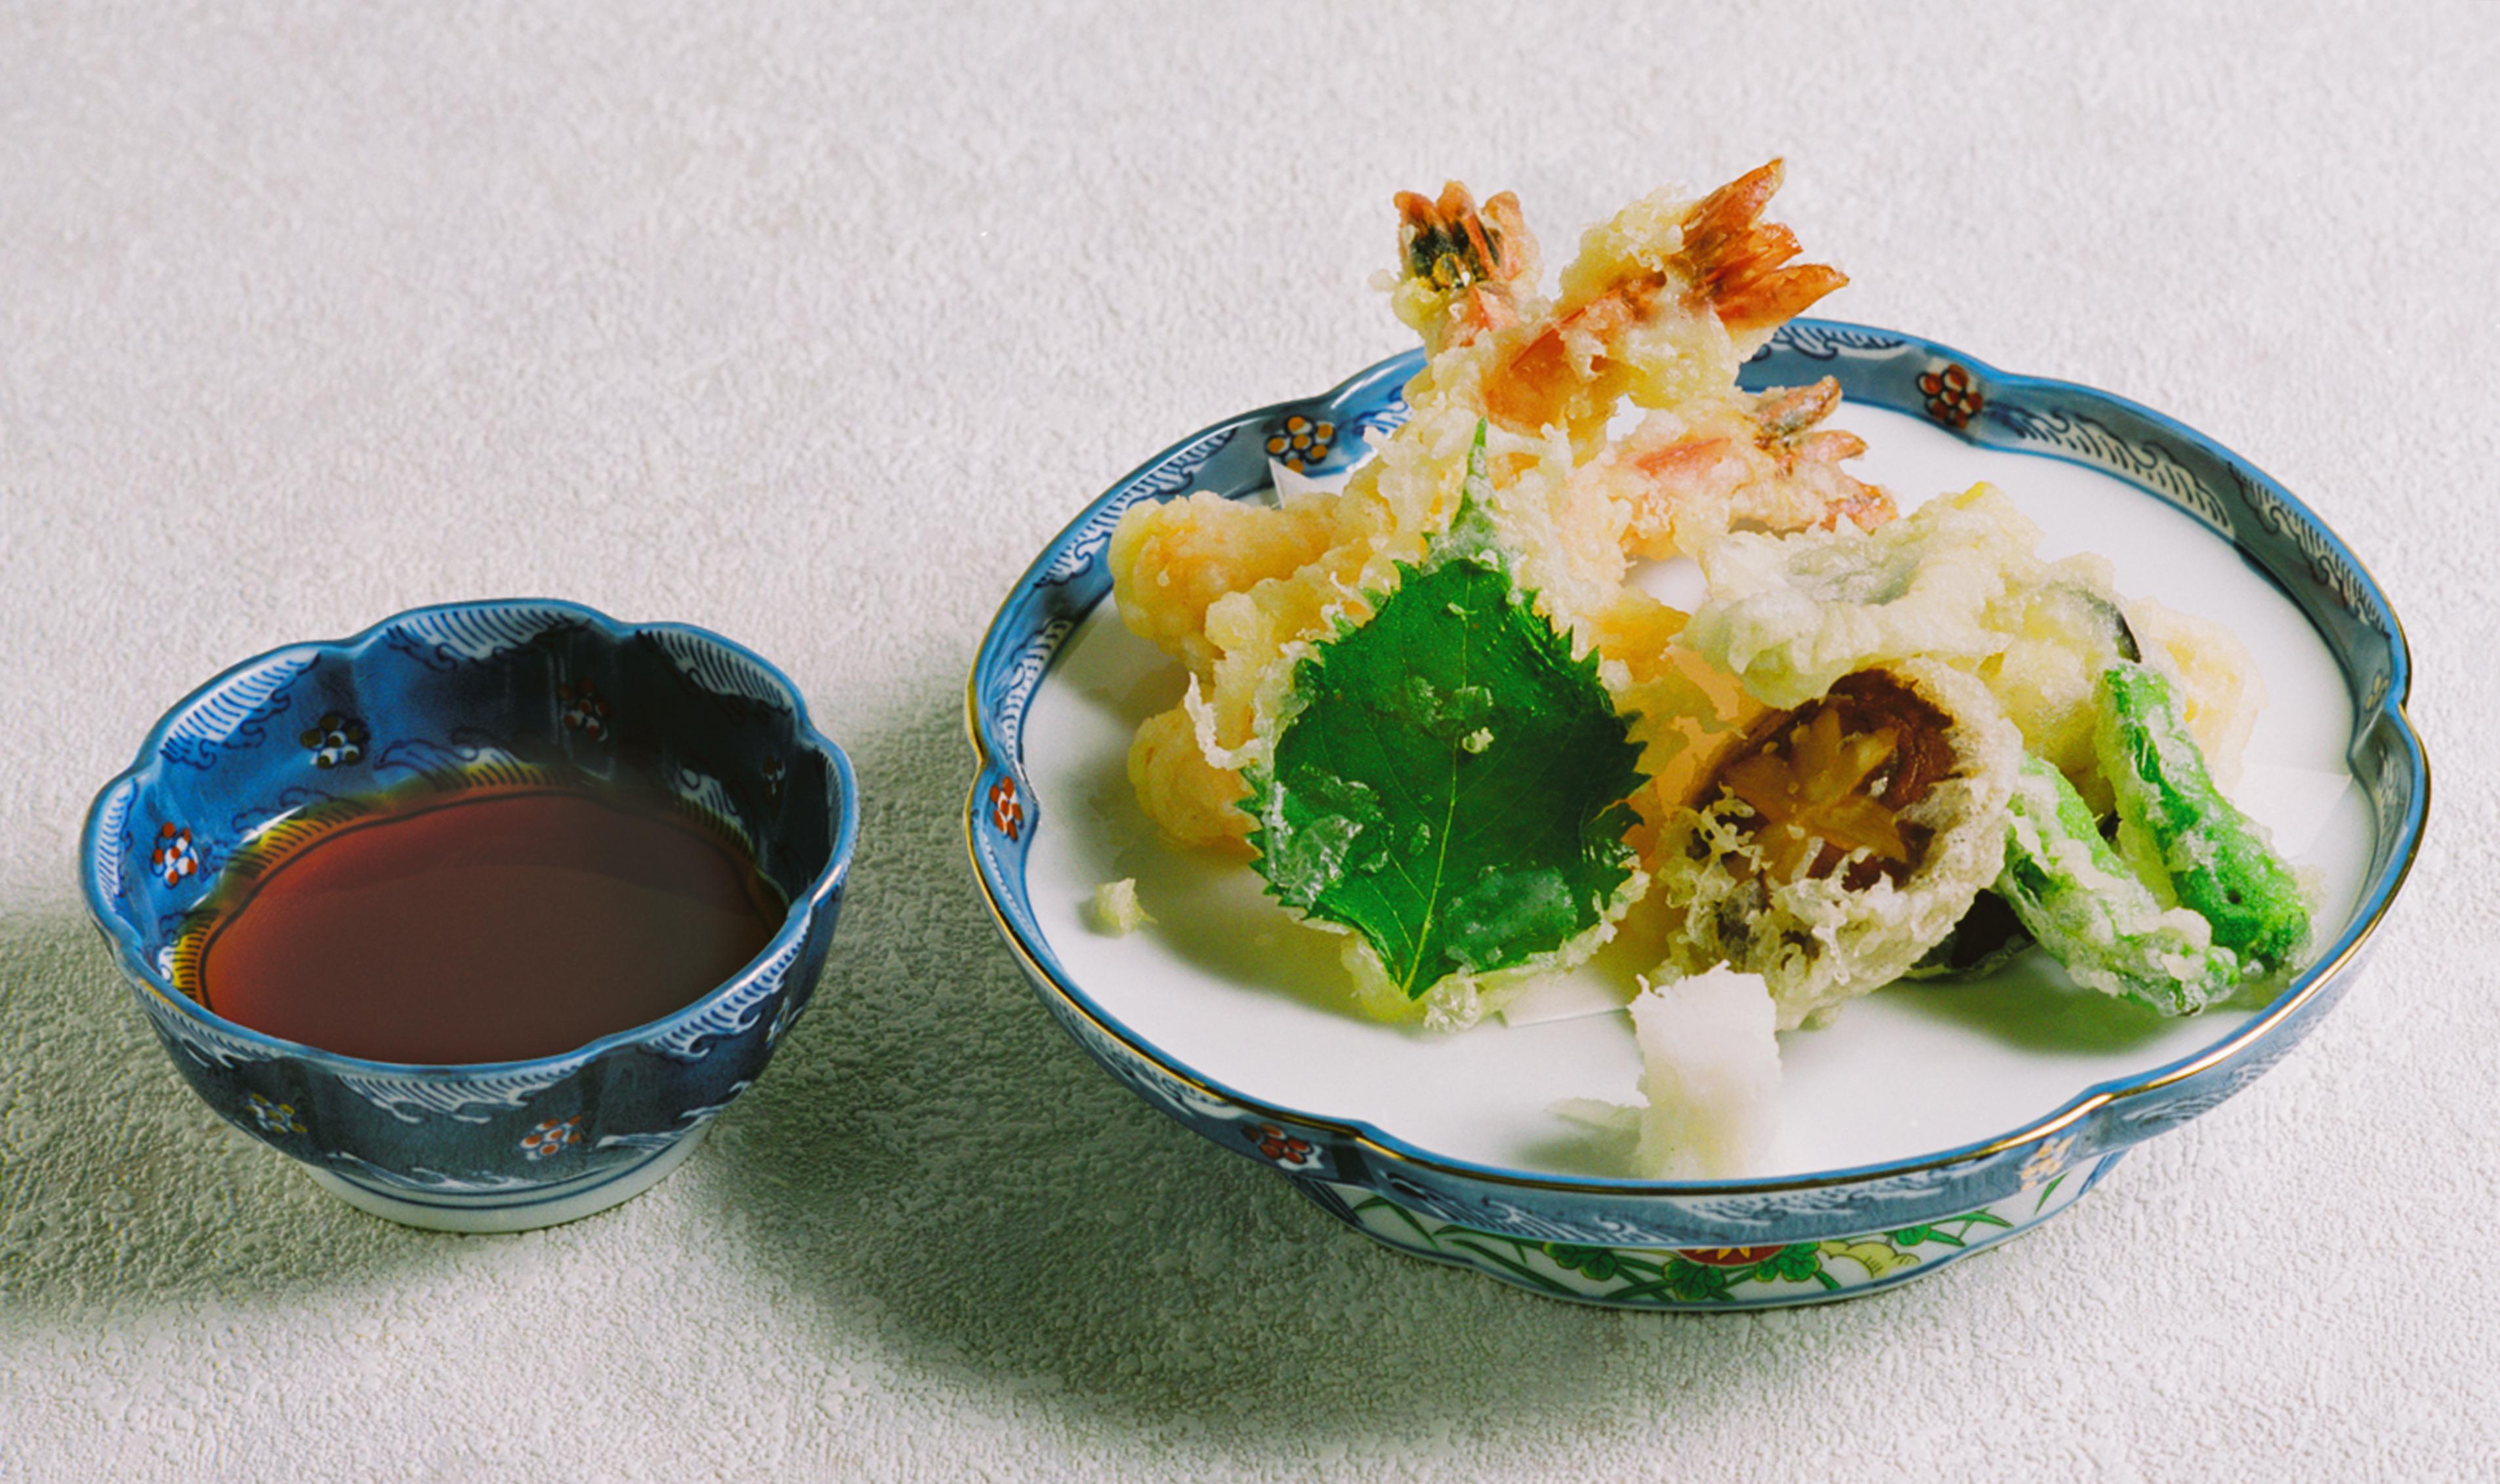 天ぷら盛り合わせ 1,650円